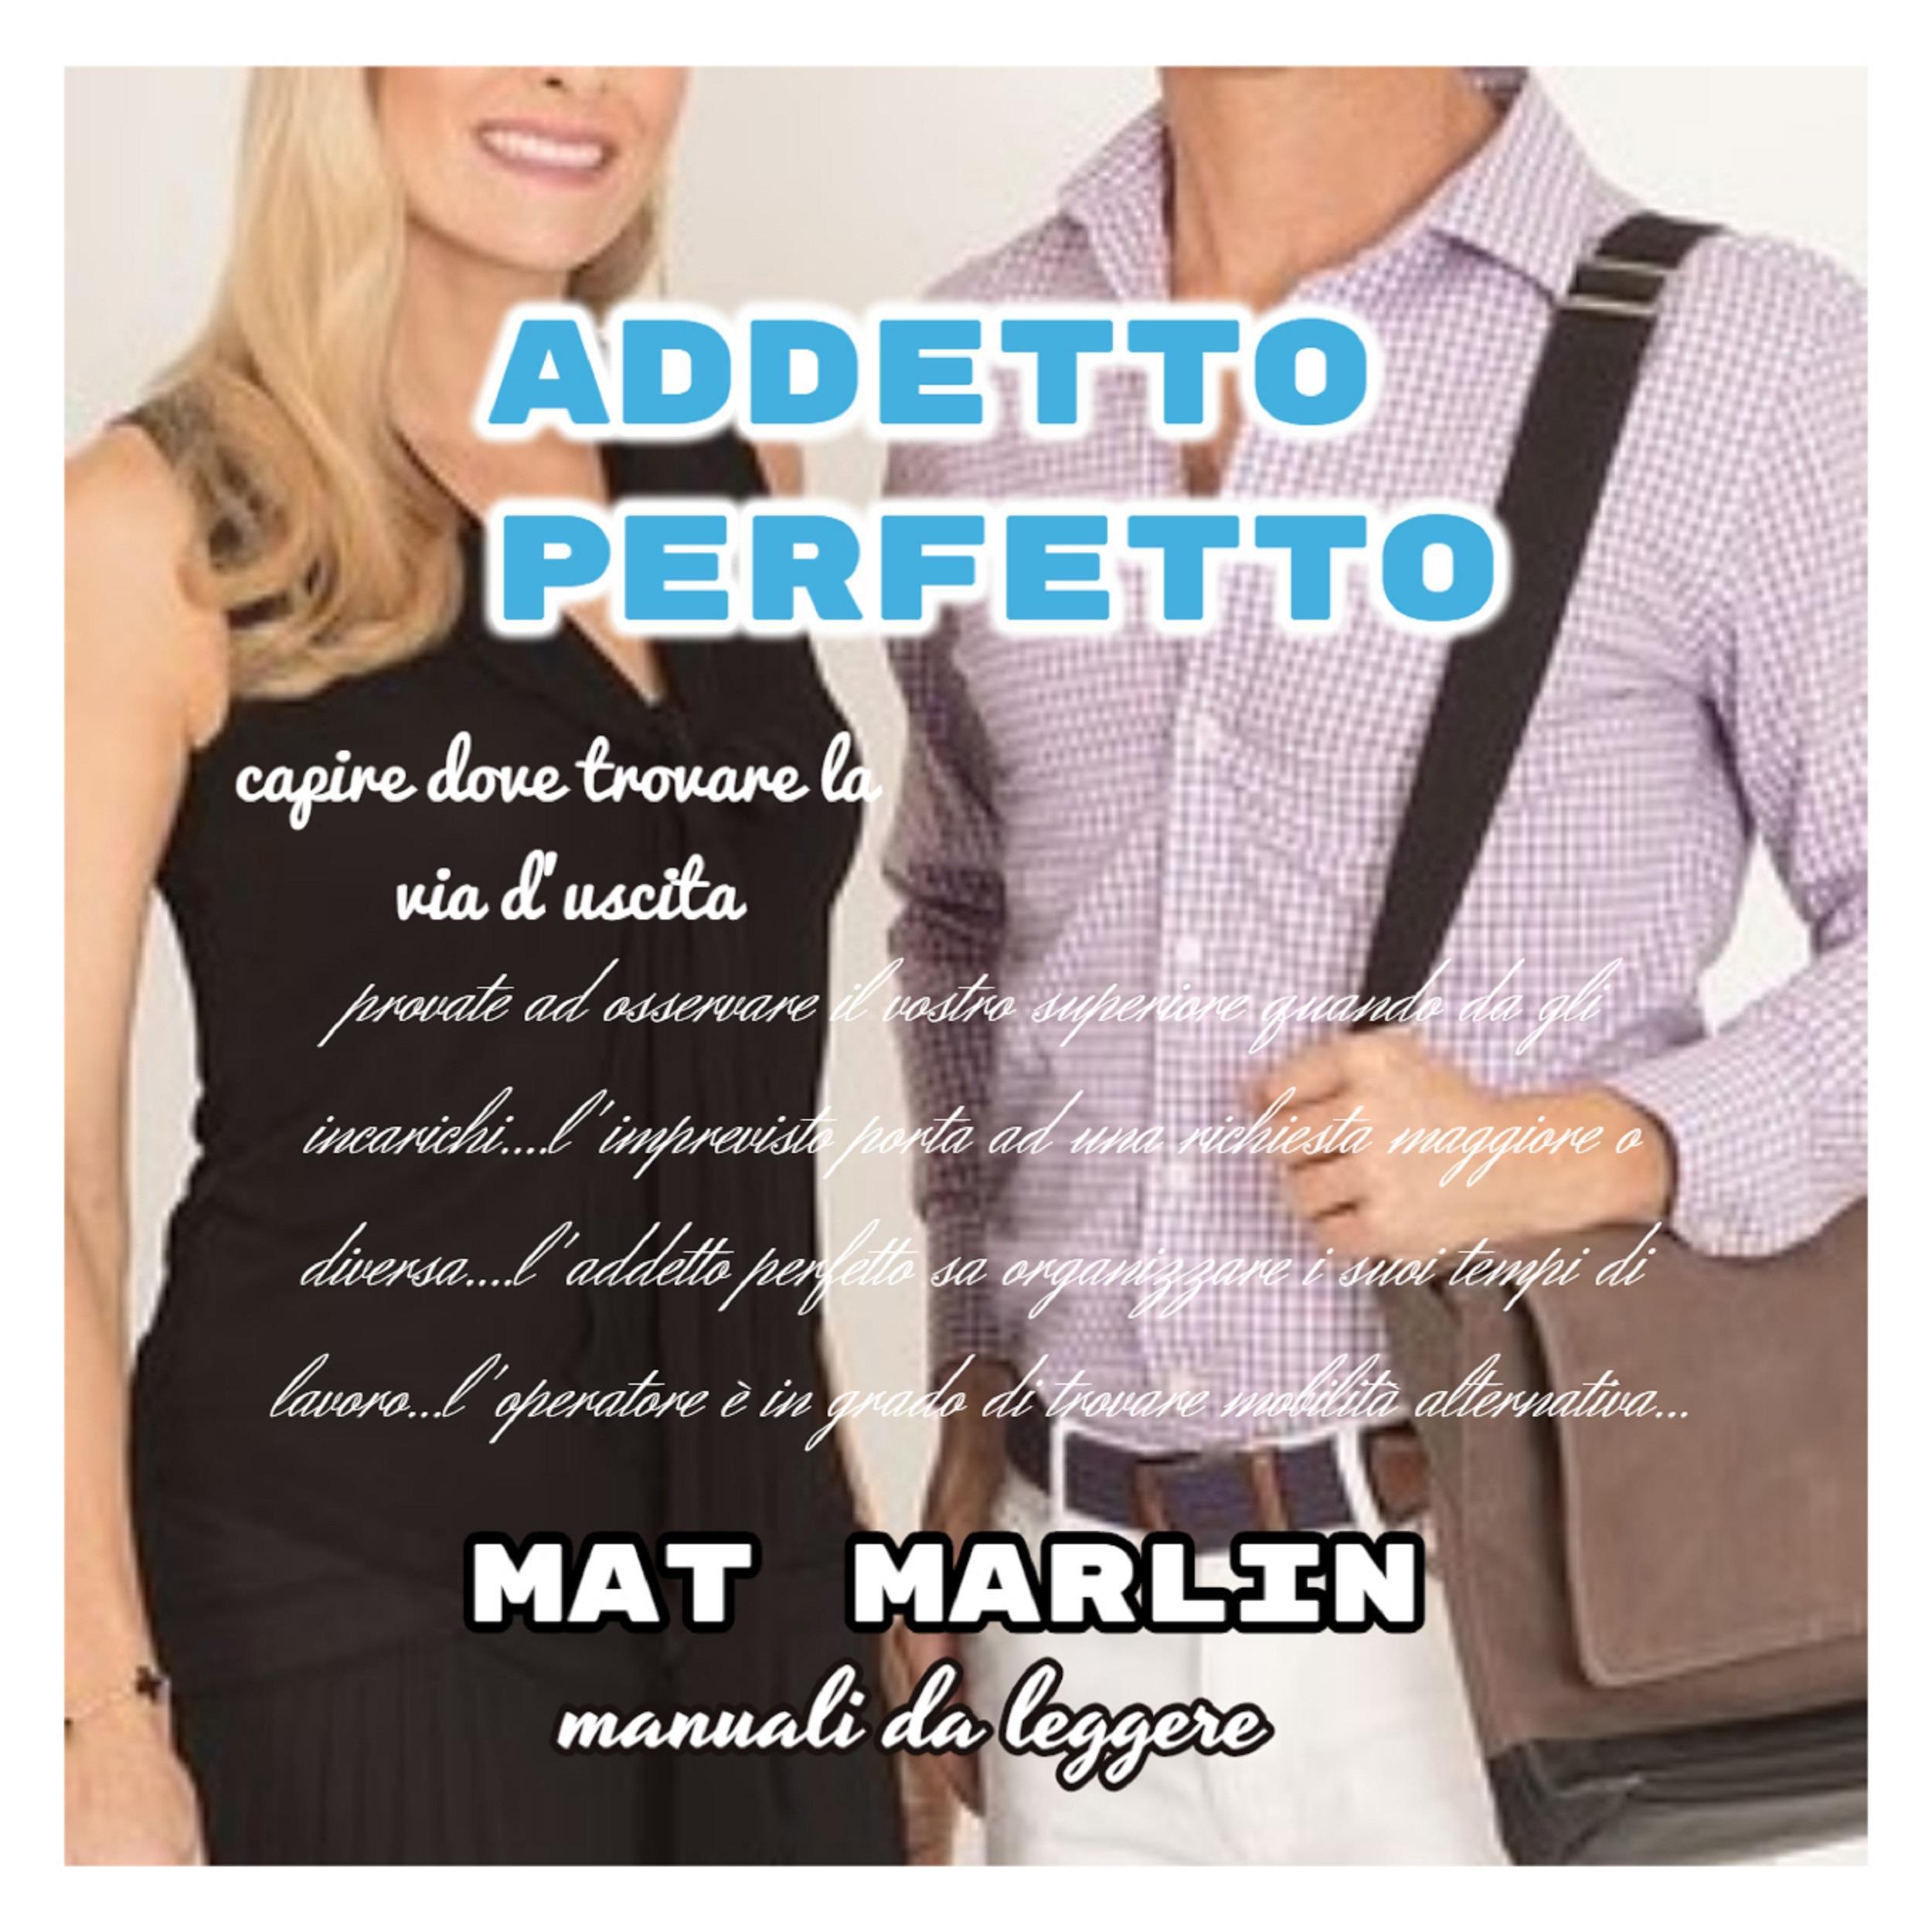 Addetto Perfetto [Mat Marlin]